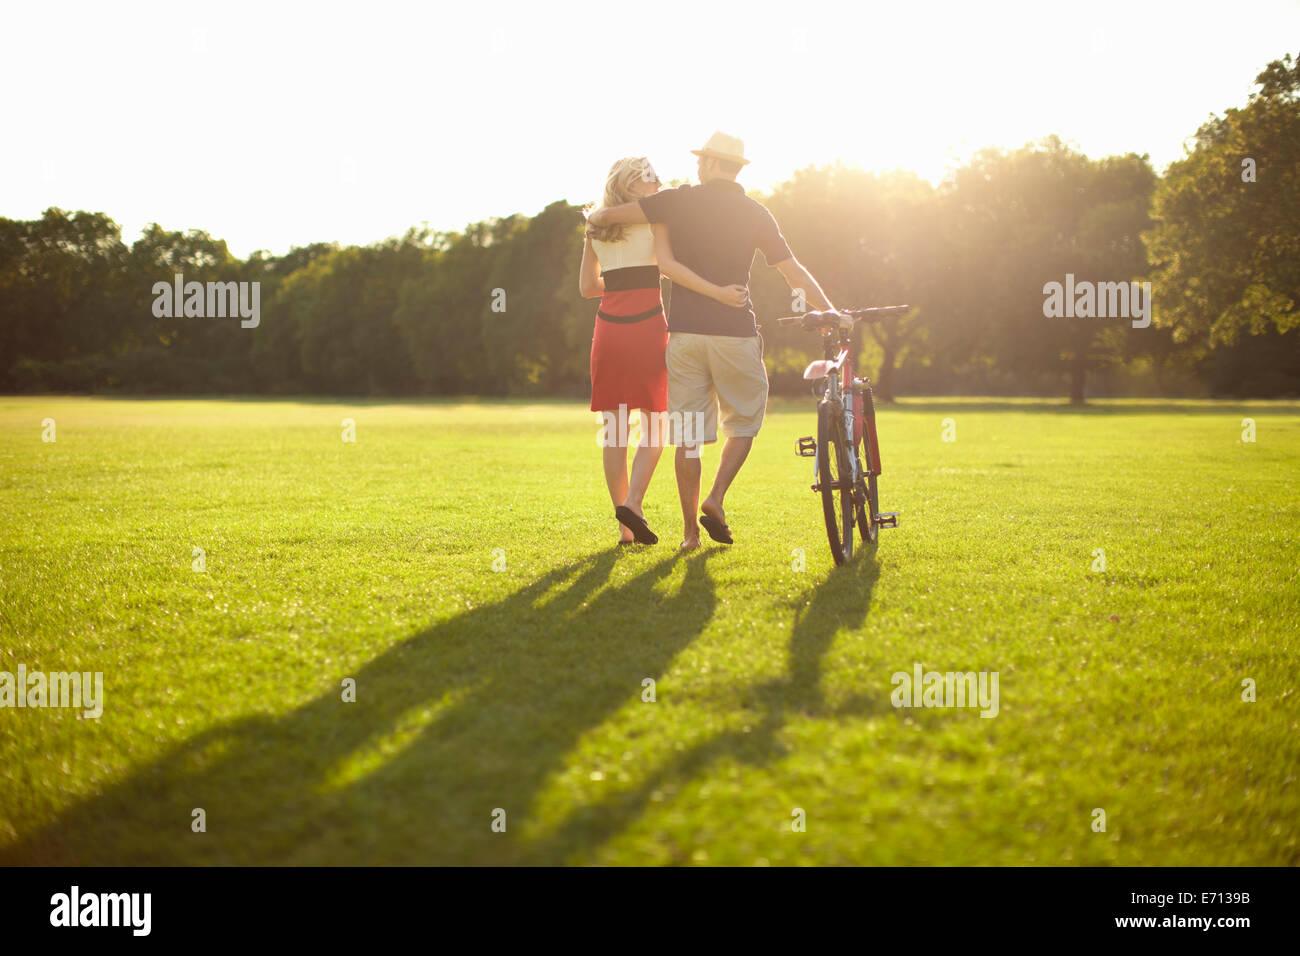 Par pasear mientras empuja la bicicleta en el parque Foto de stock